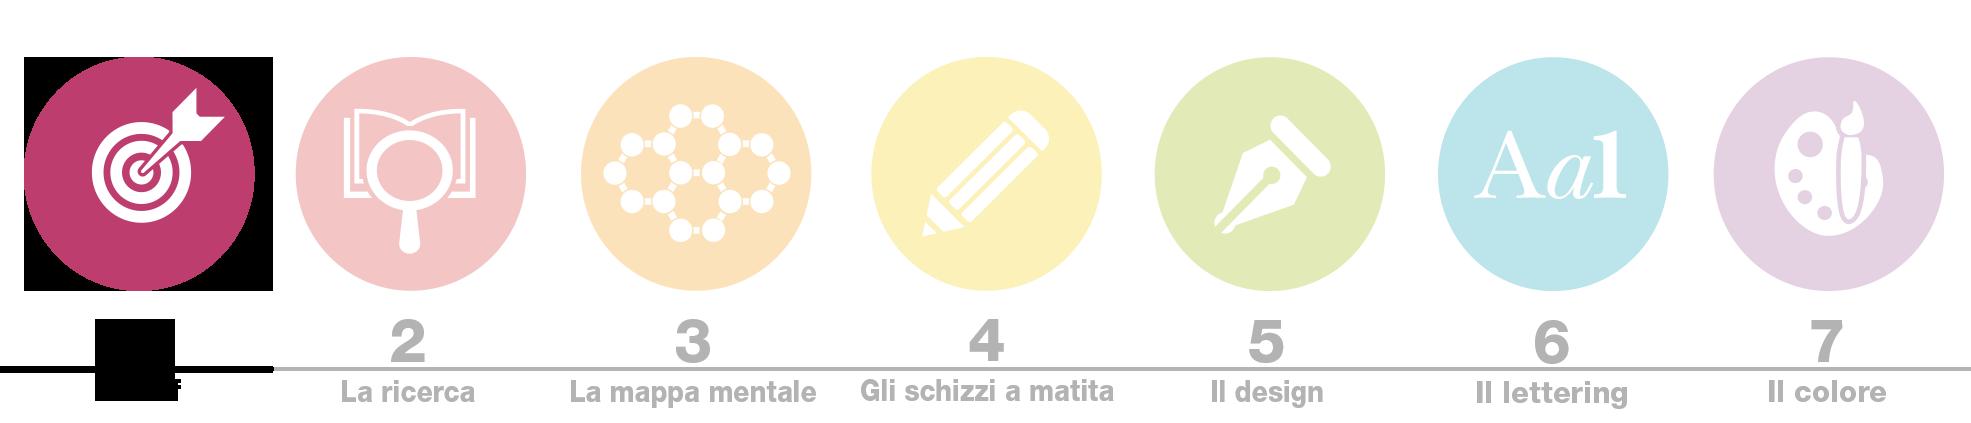 Biancolapis Design. Crea un logo brillante icone 1. Brief per creare un logo